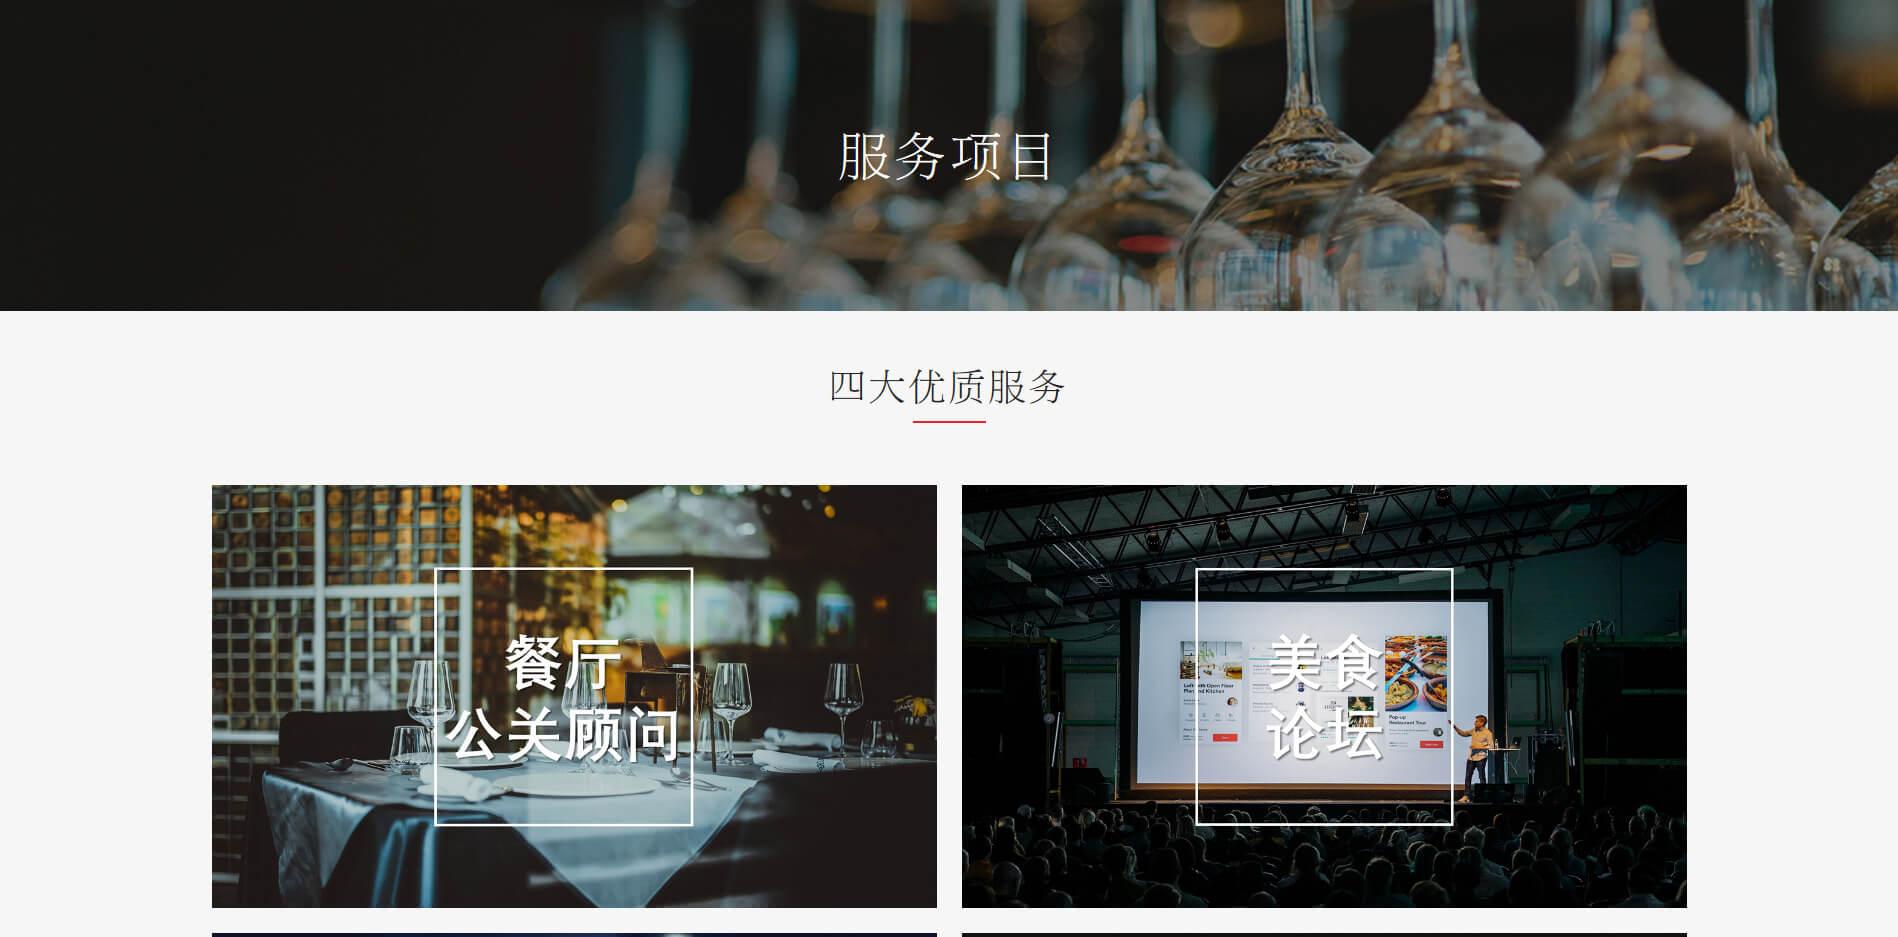 服务项目 - 食达美食传播 Allstar Communications 专注高端餐饮的公关顾问(1)